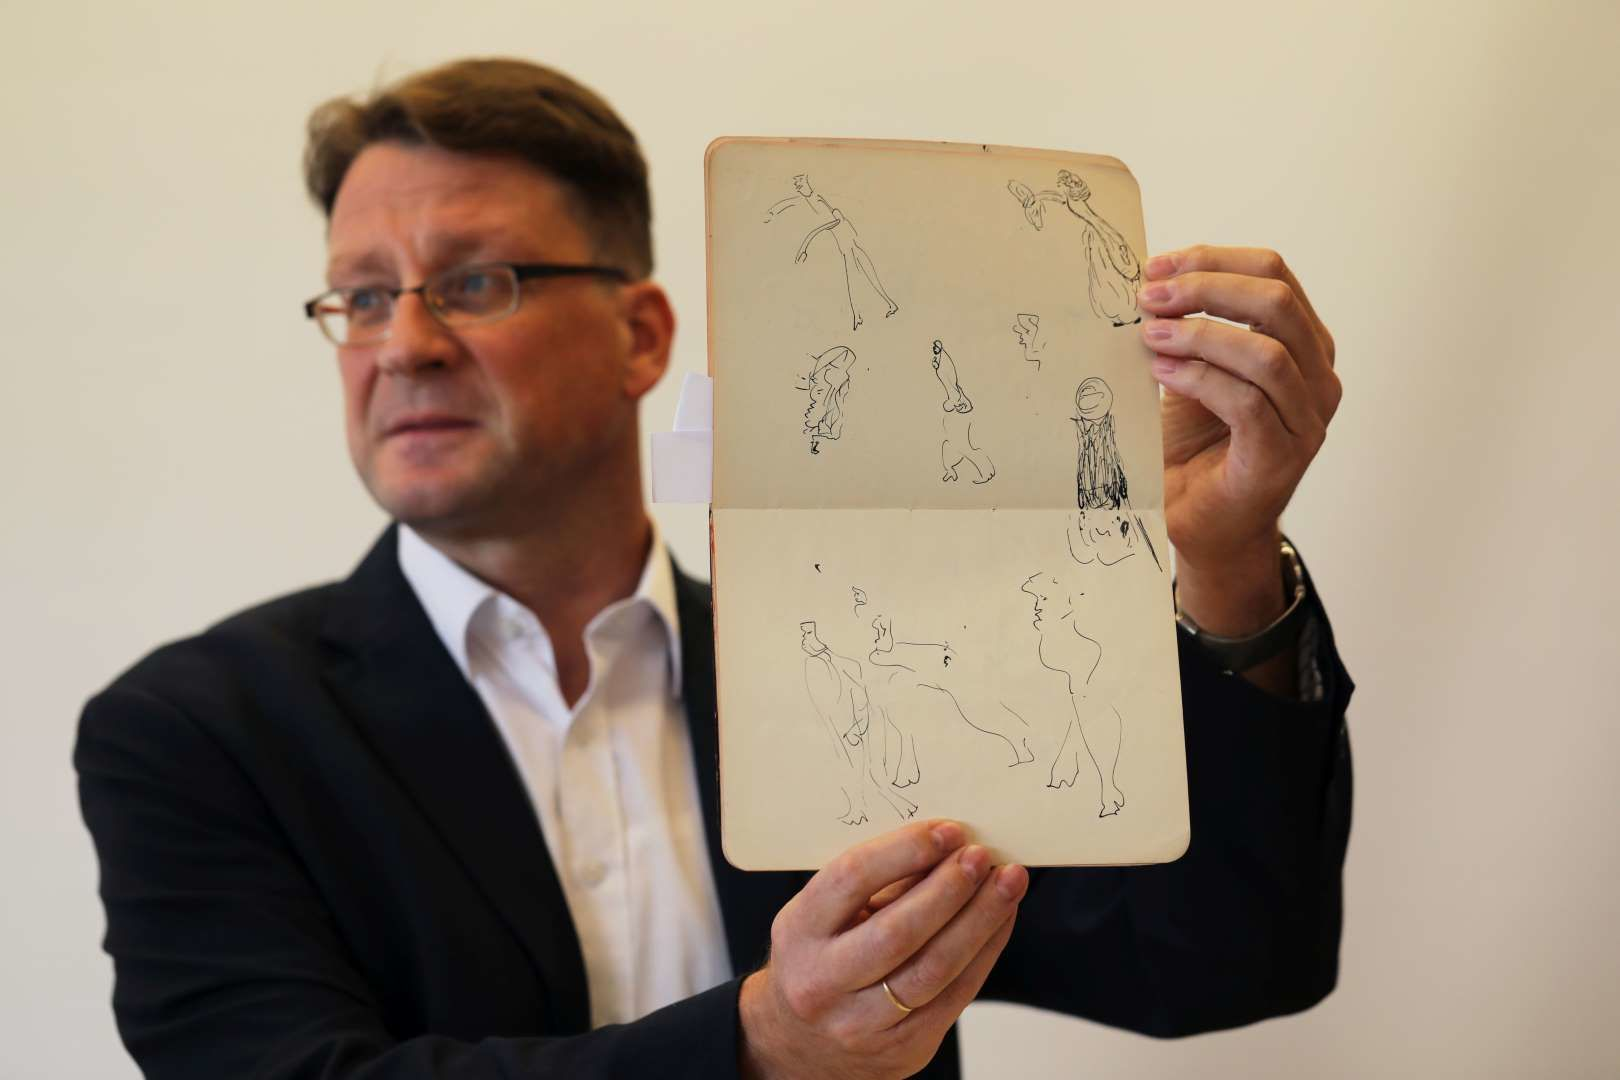 рукописи Франца Кафки, Національна бібліотека Ізраїлю